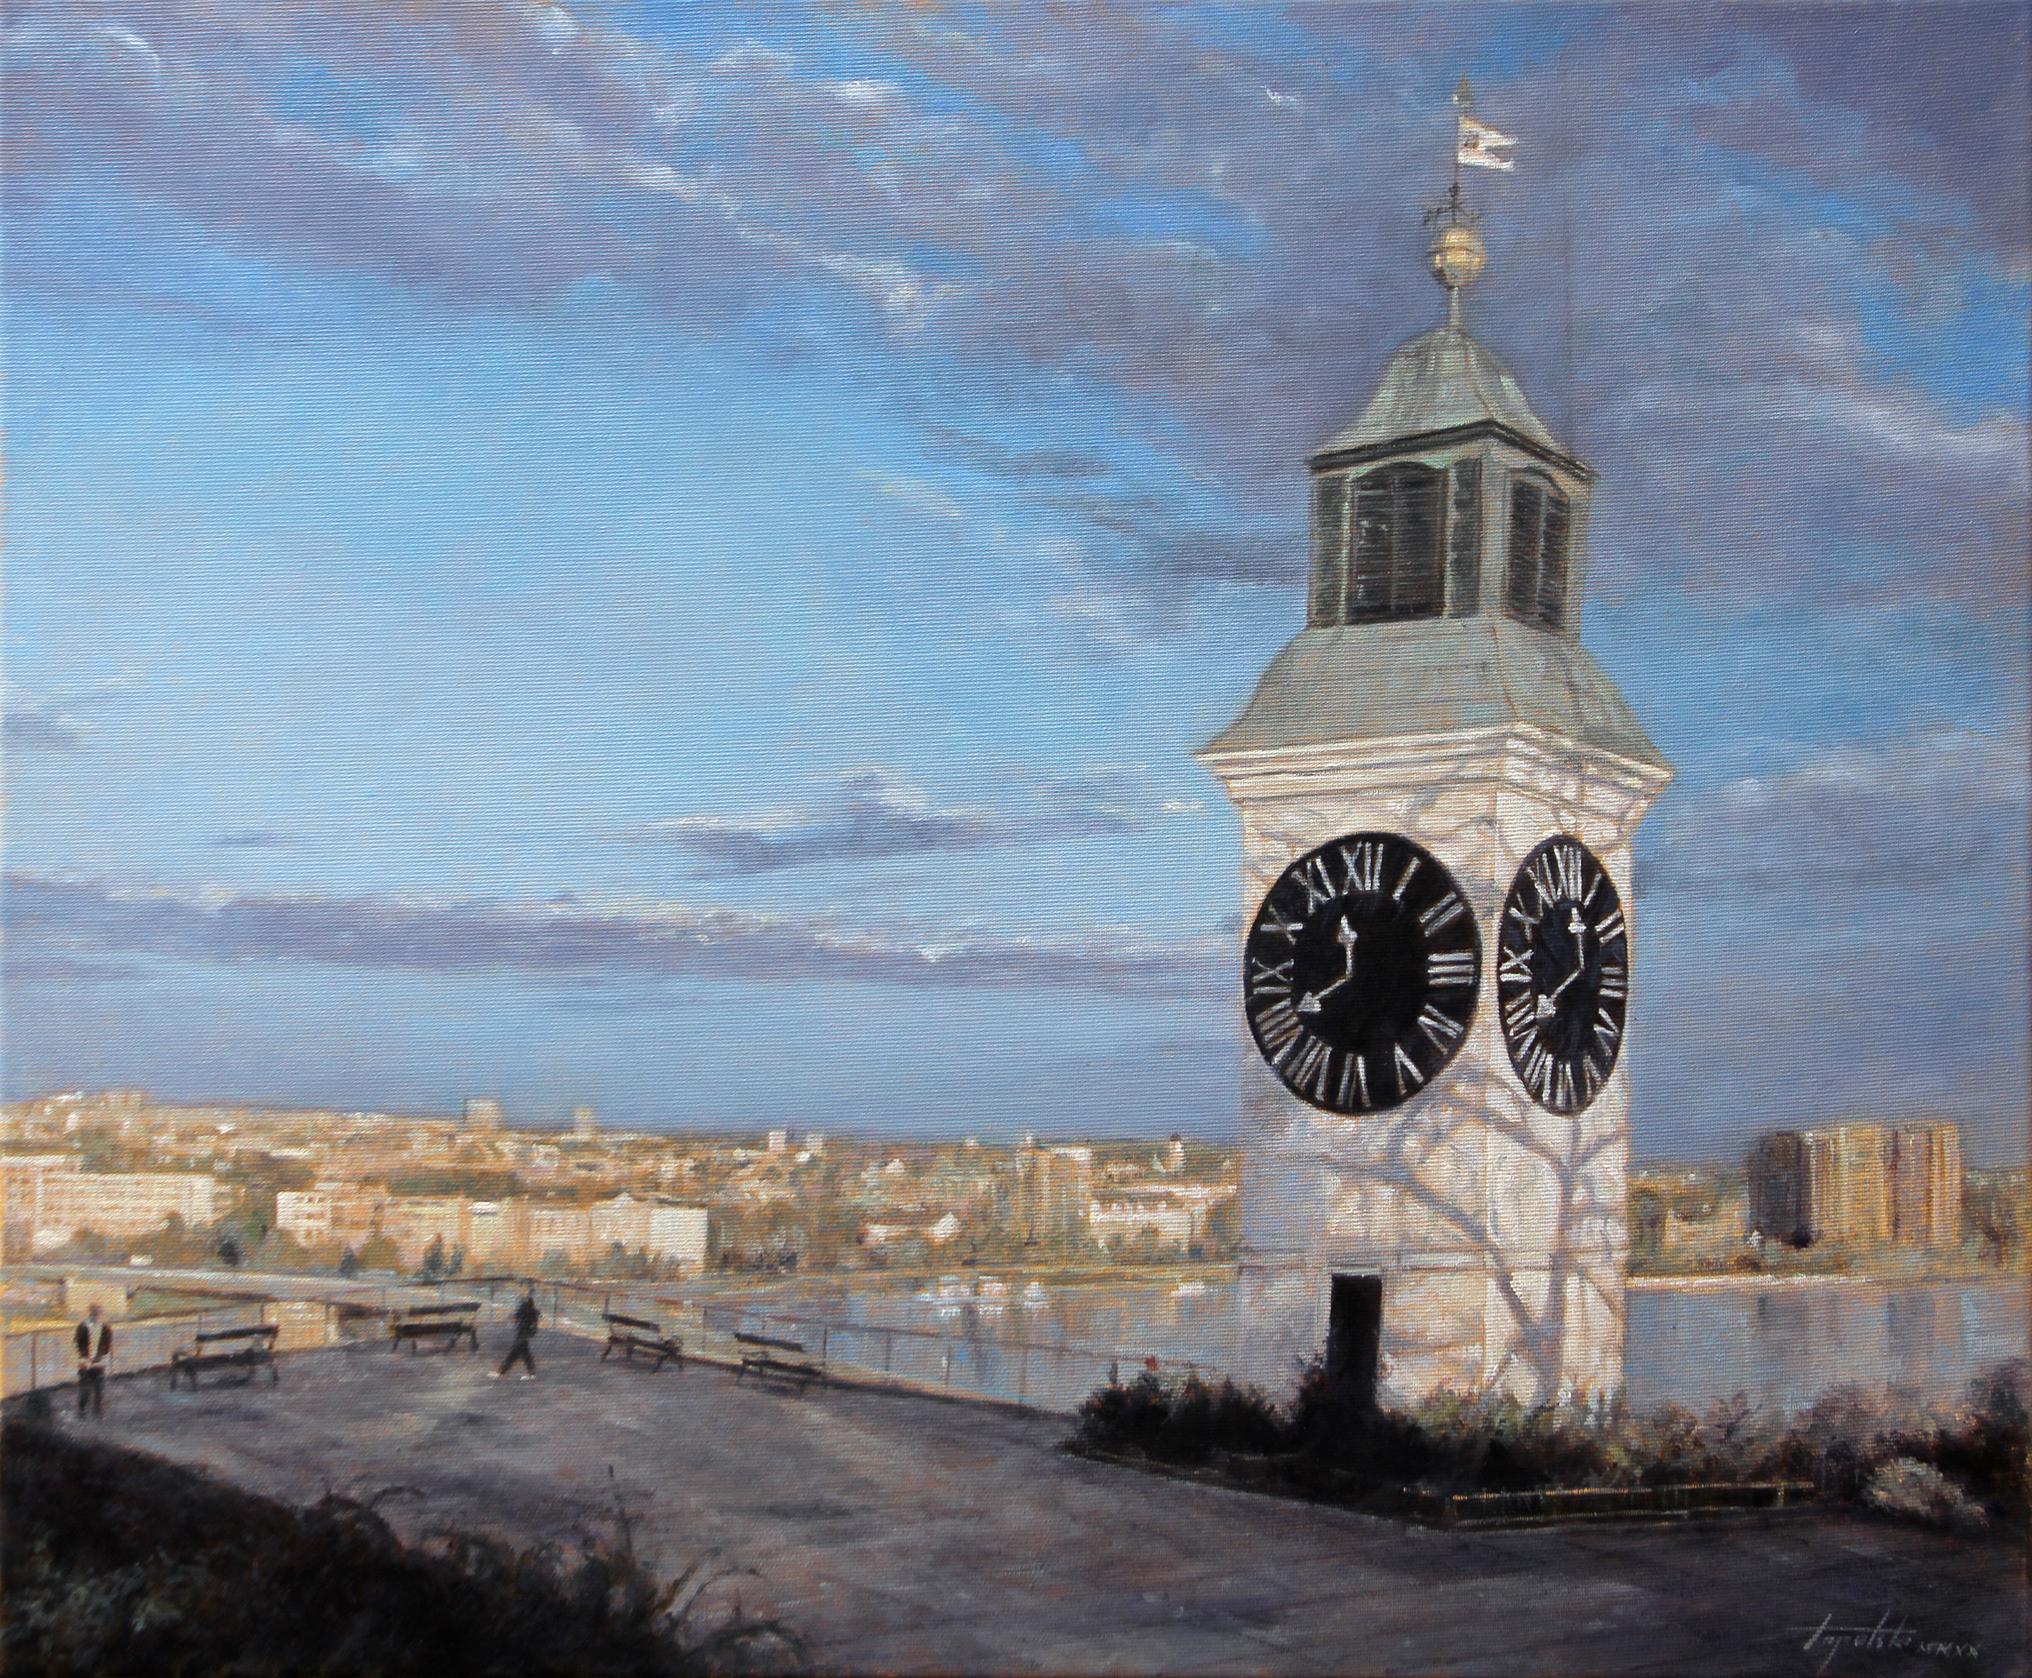 Pogled sa tvrdjave - Umetnička slika 50x60cm Ulje na platnu - umetnik Darko TOPALSKI